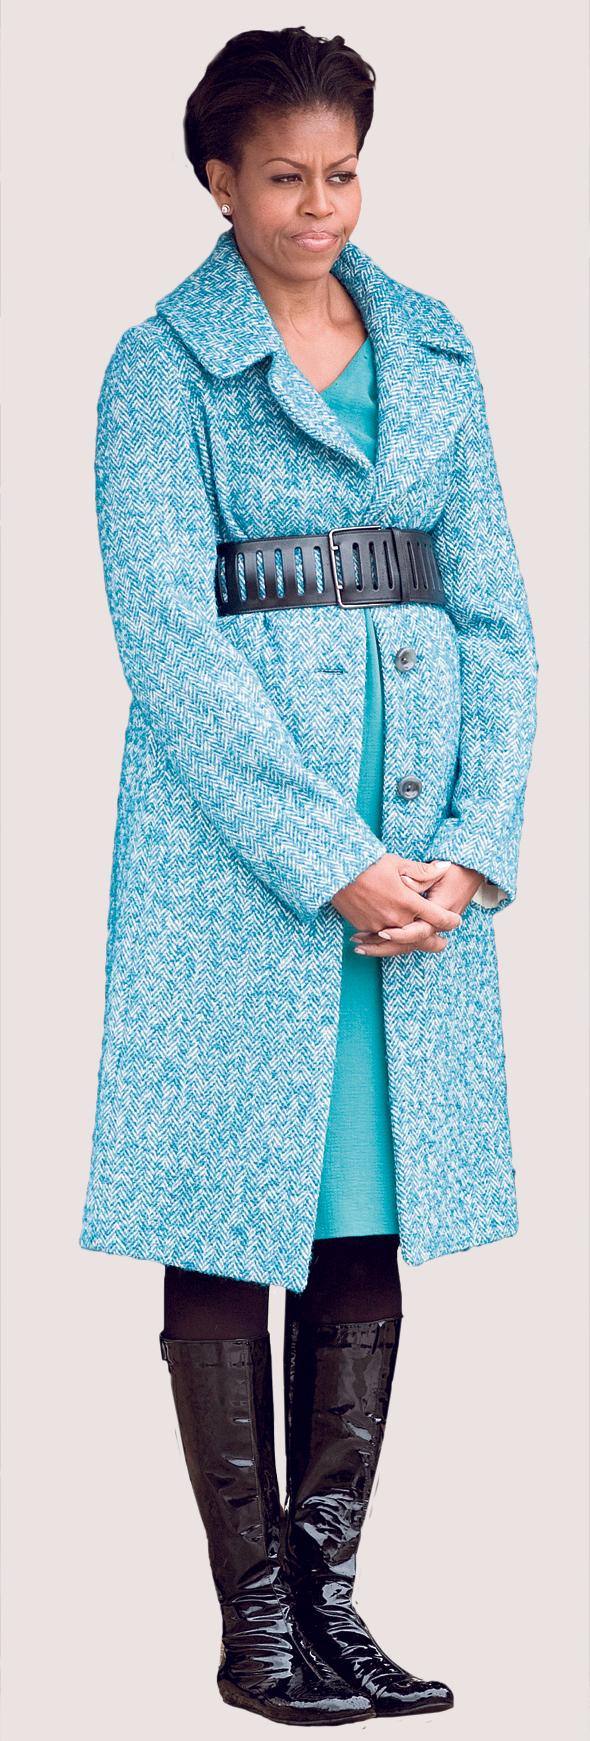 מישל אובמה במעיל של ג